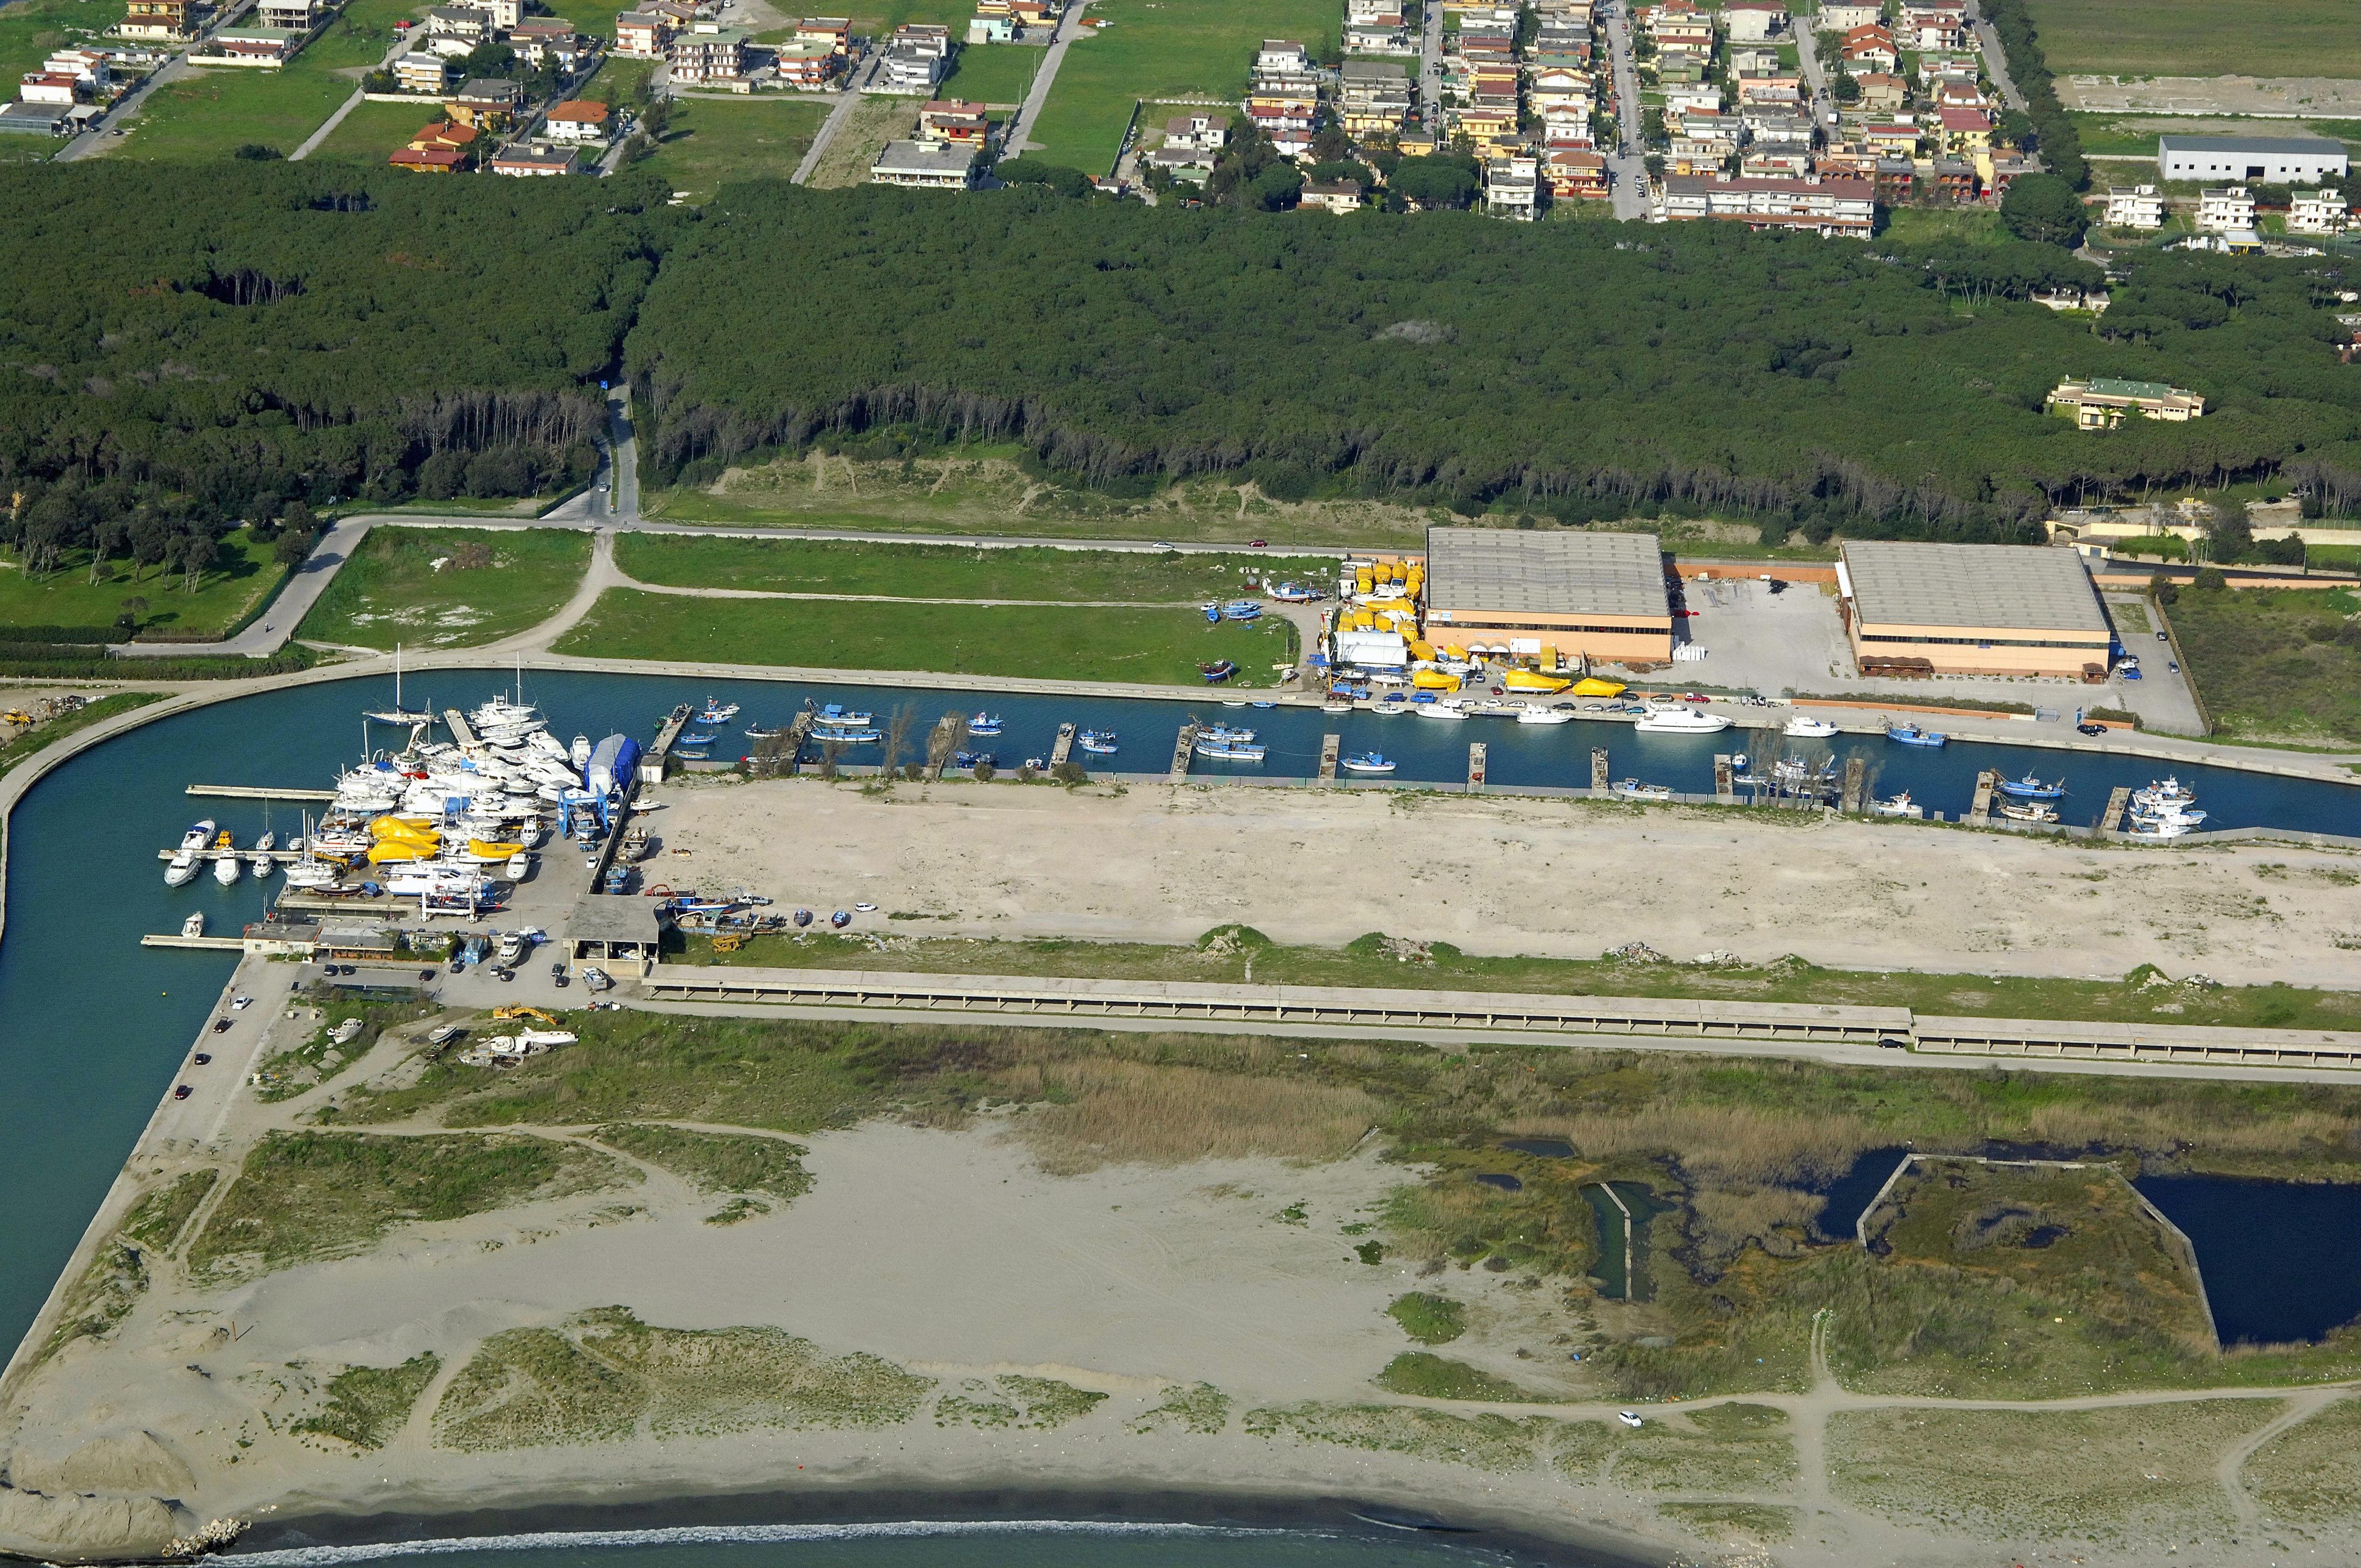 Coppola Pinetamare Yacht Club In Villaggio Coppola